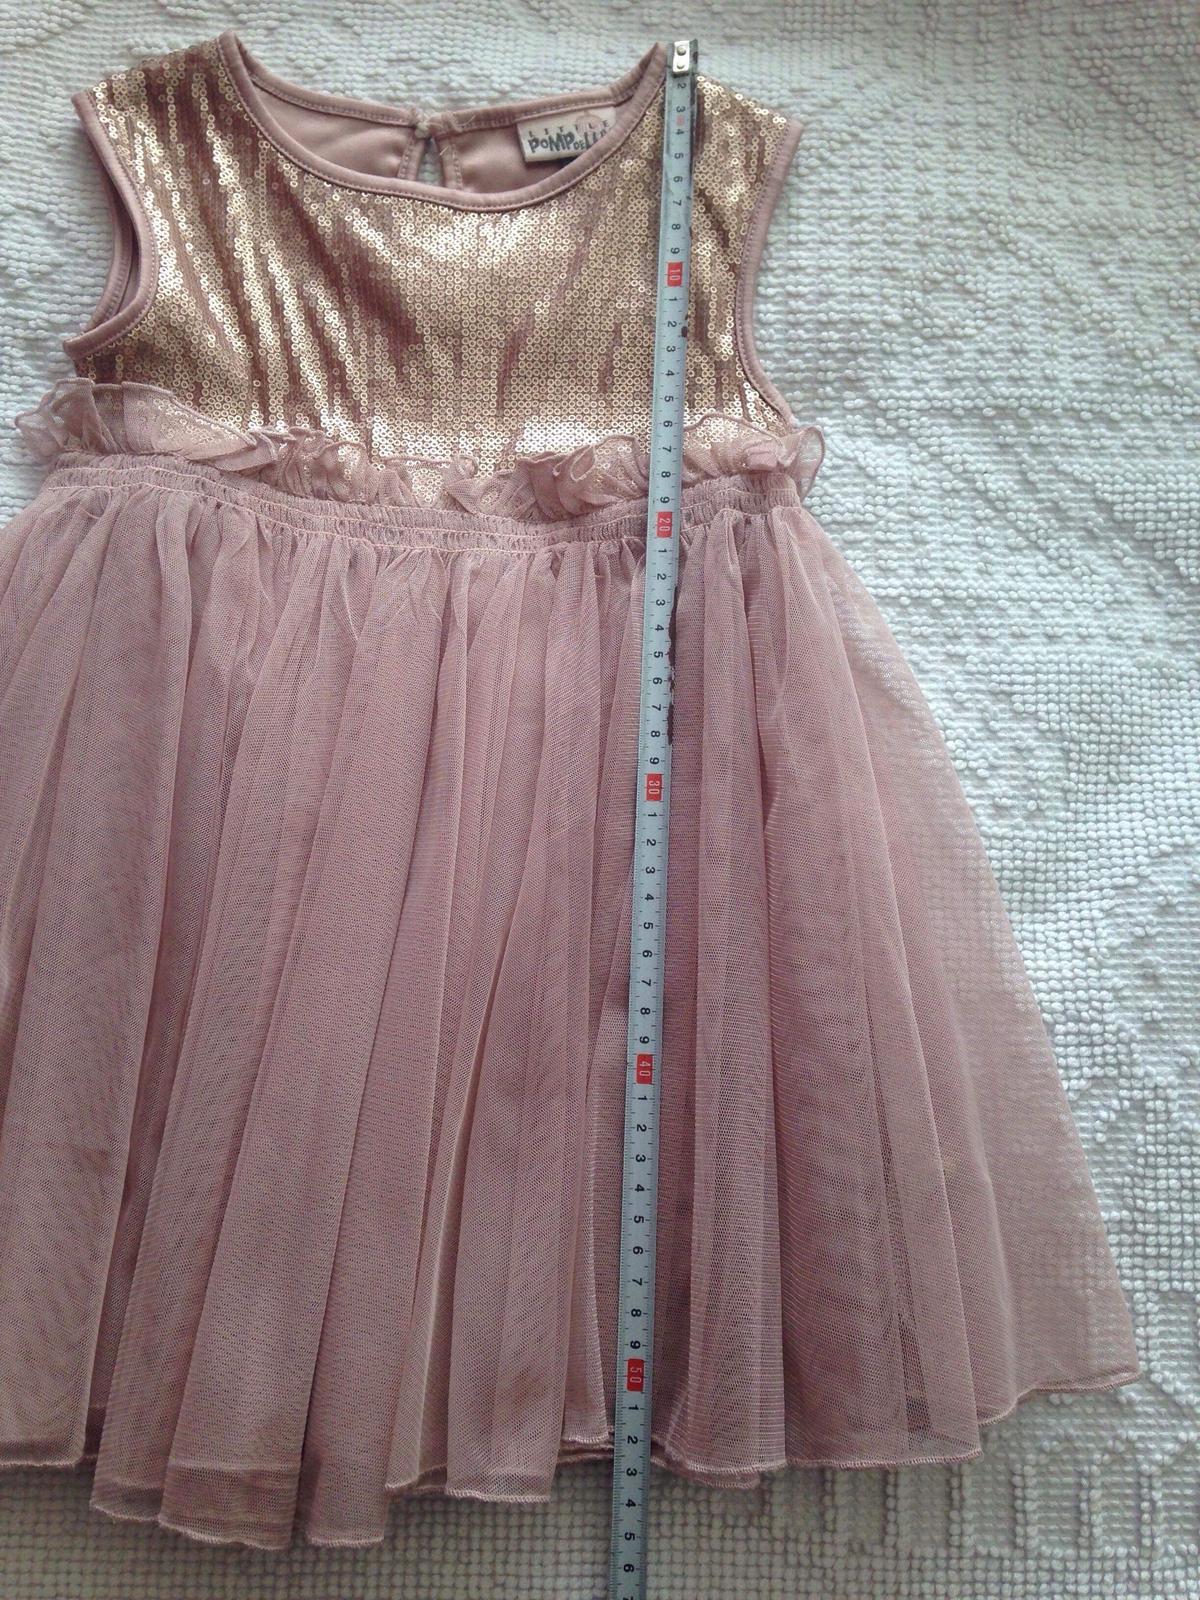 Šaty PompDeLux Charleston - Obrázok č. 4